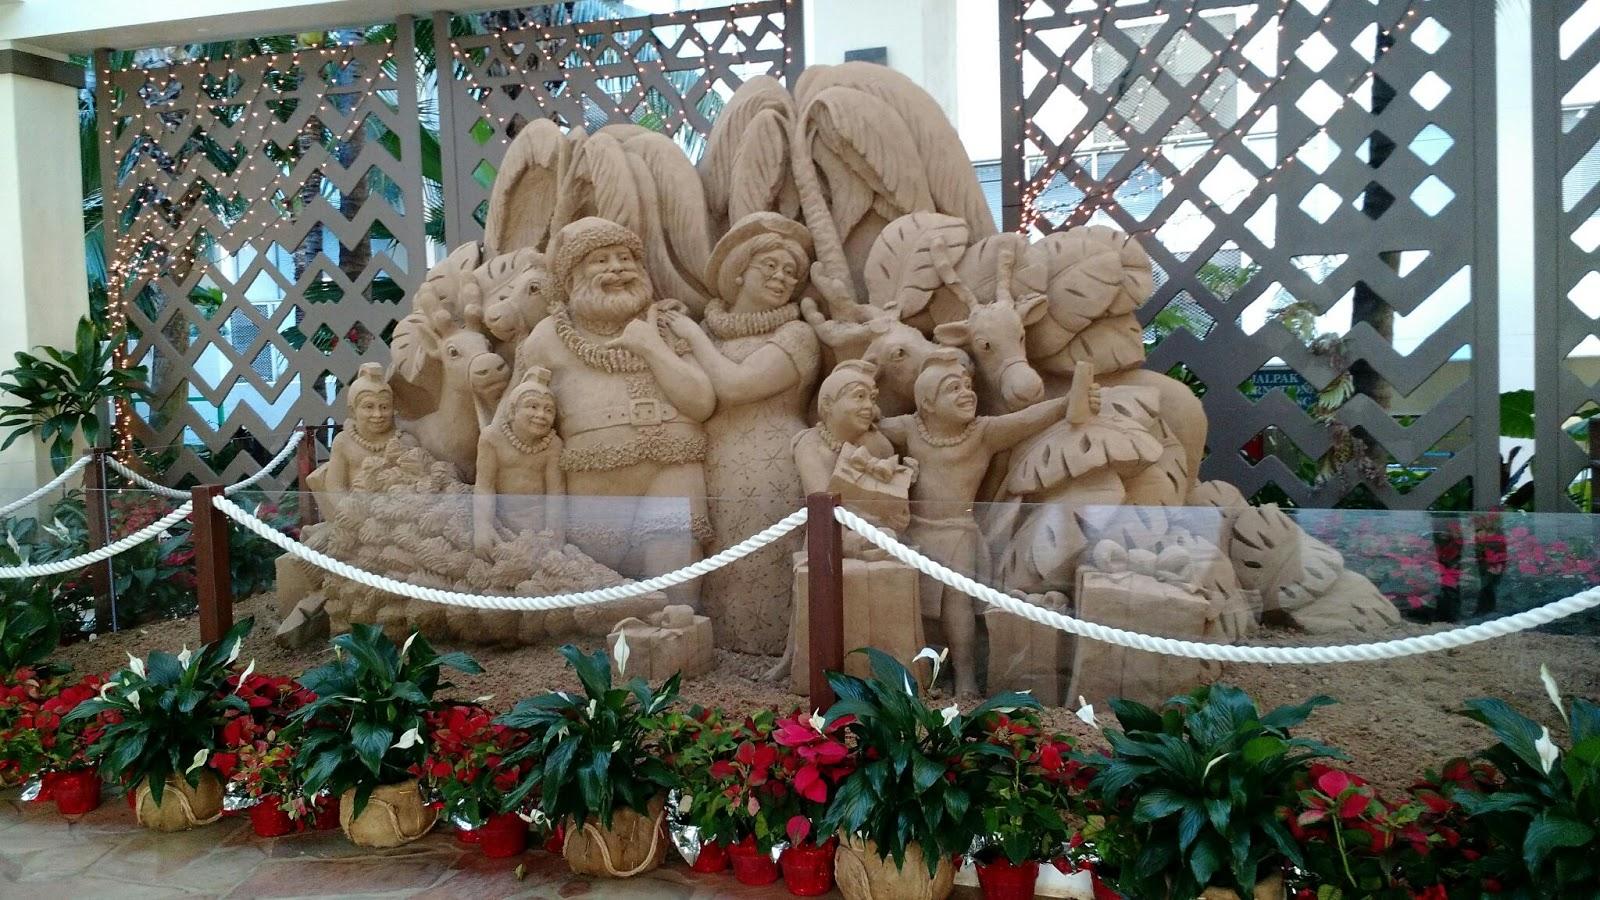 Hale Ku'ai Aloha 96815: December 2015